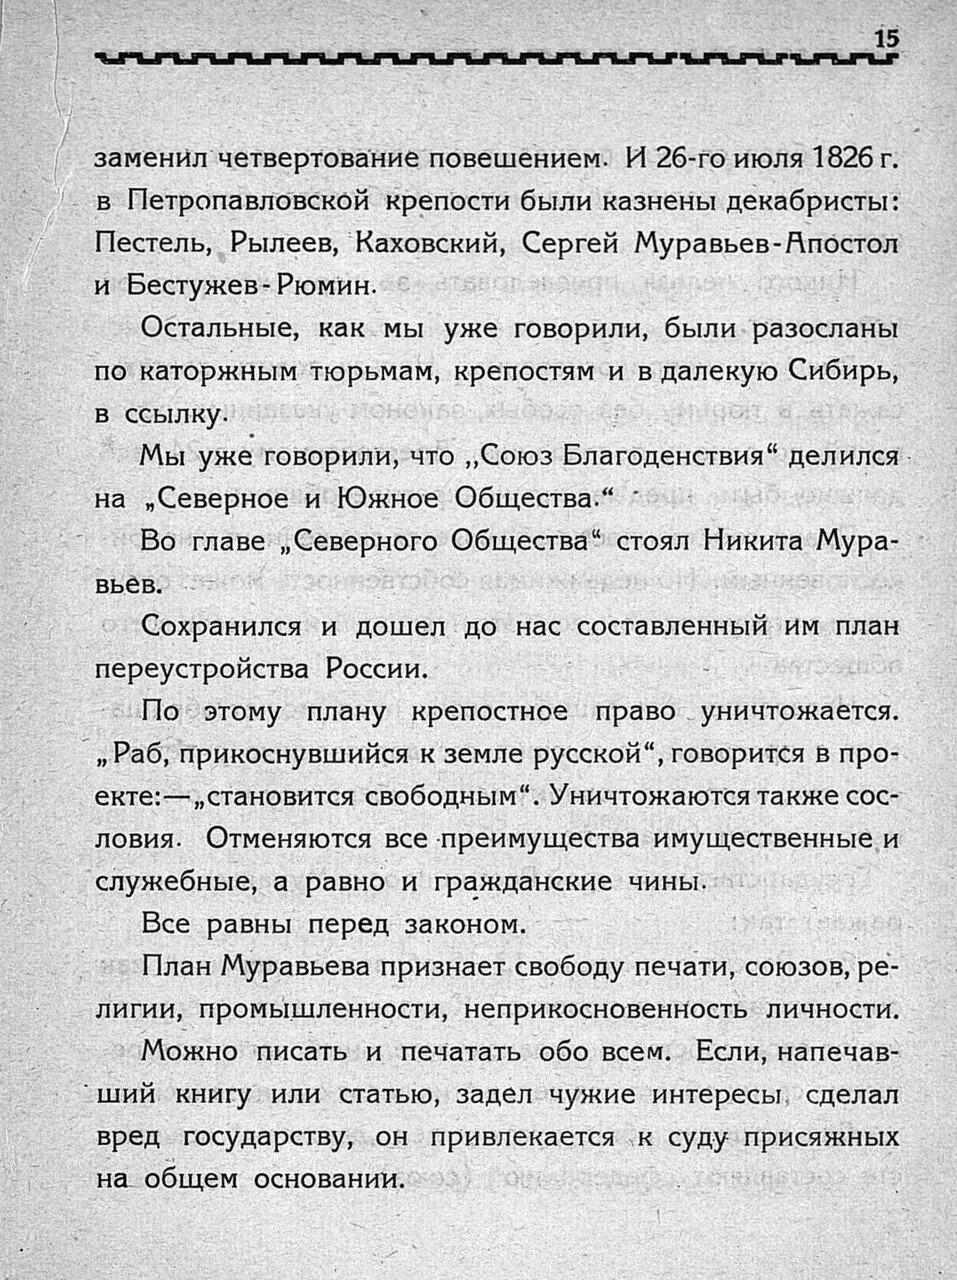 https://img-fotki.yandex.ru/get/112407/199368979.23/0_1bfad3_53f3a603_XXXL.jpg